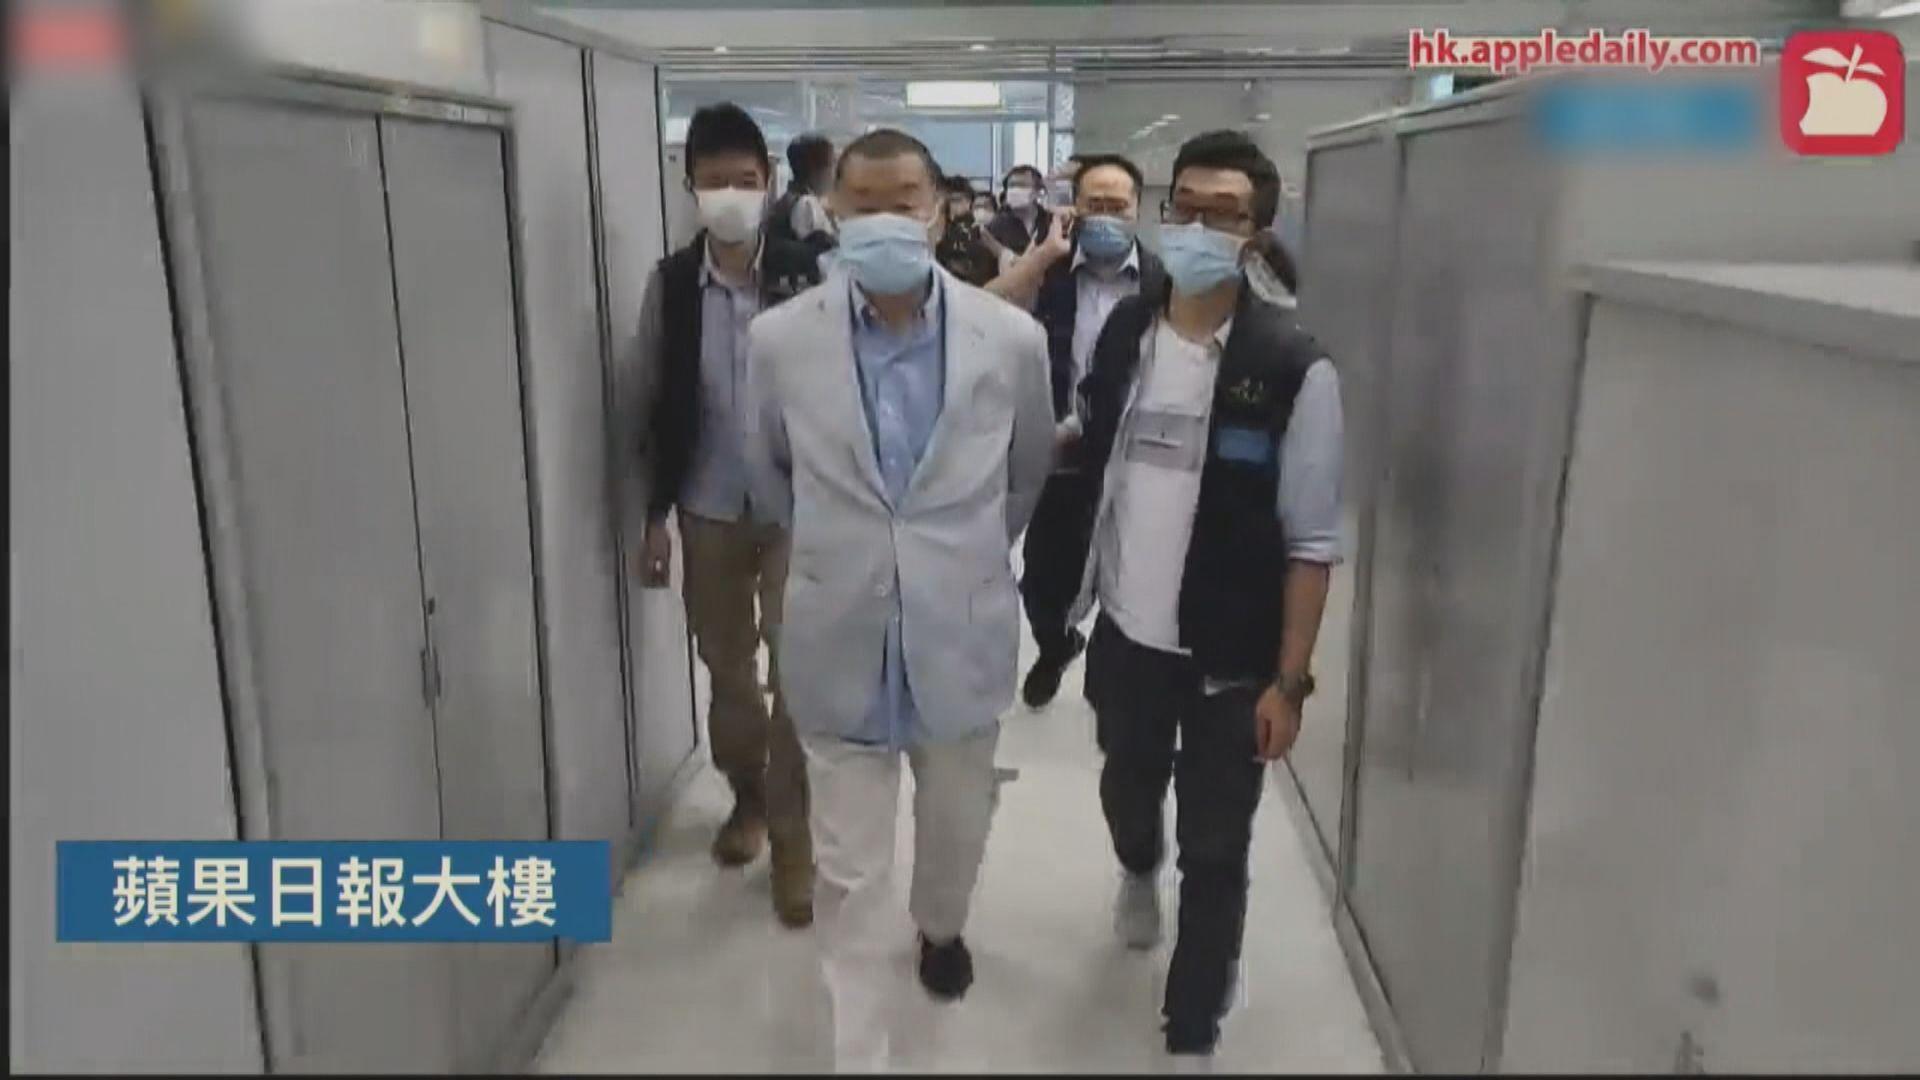 黎智英和張劍虹先後被押返壹傳媒大樓調查